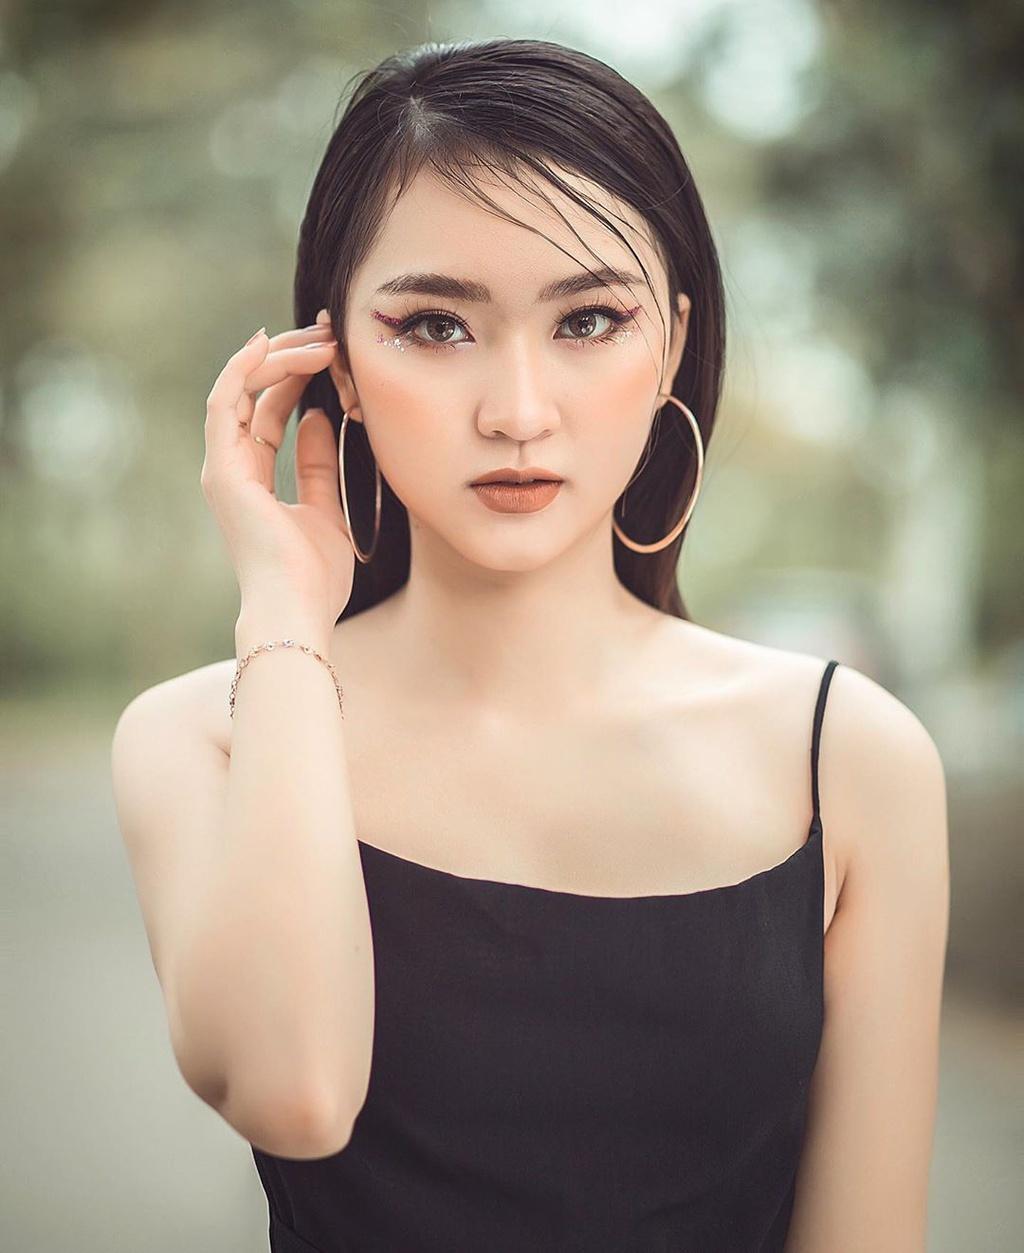 Kim Trà My nhịn ăn gián đoạn để thi Hoa hậu Việt Nam - Hình 9